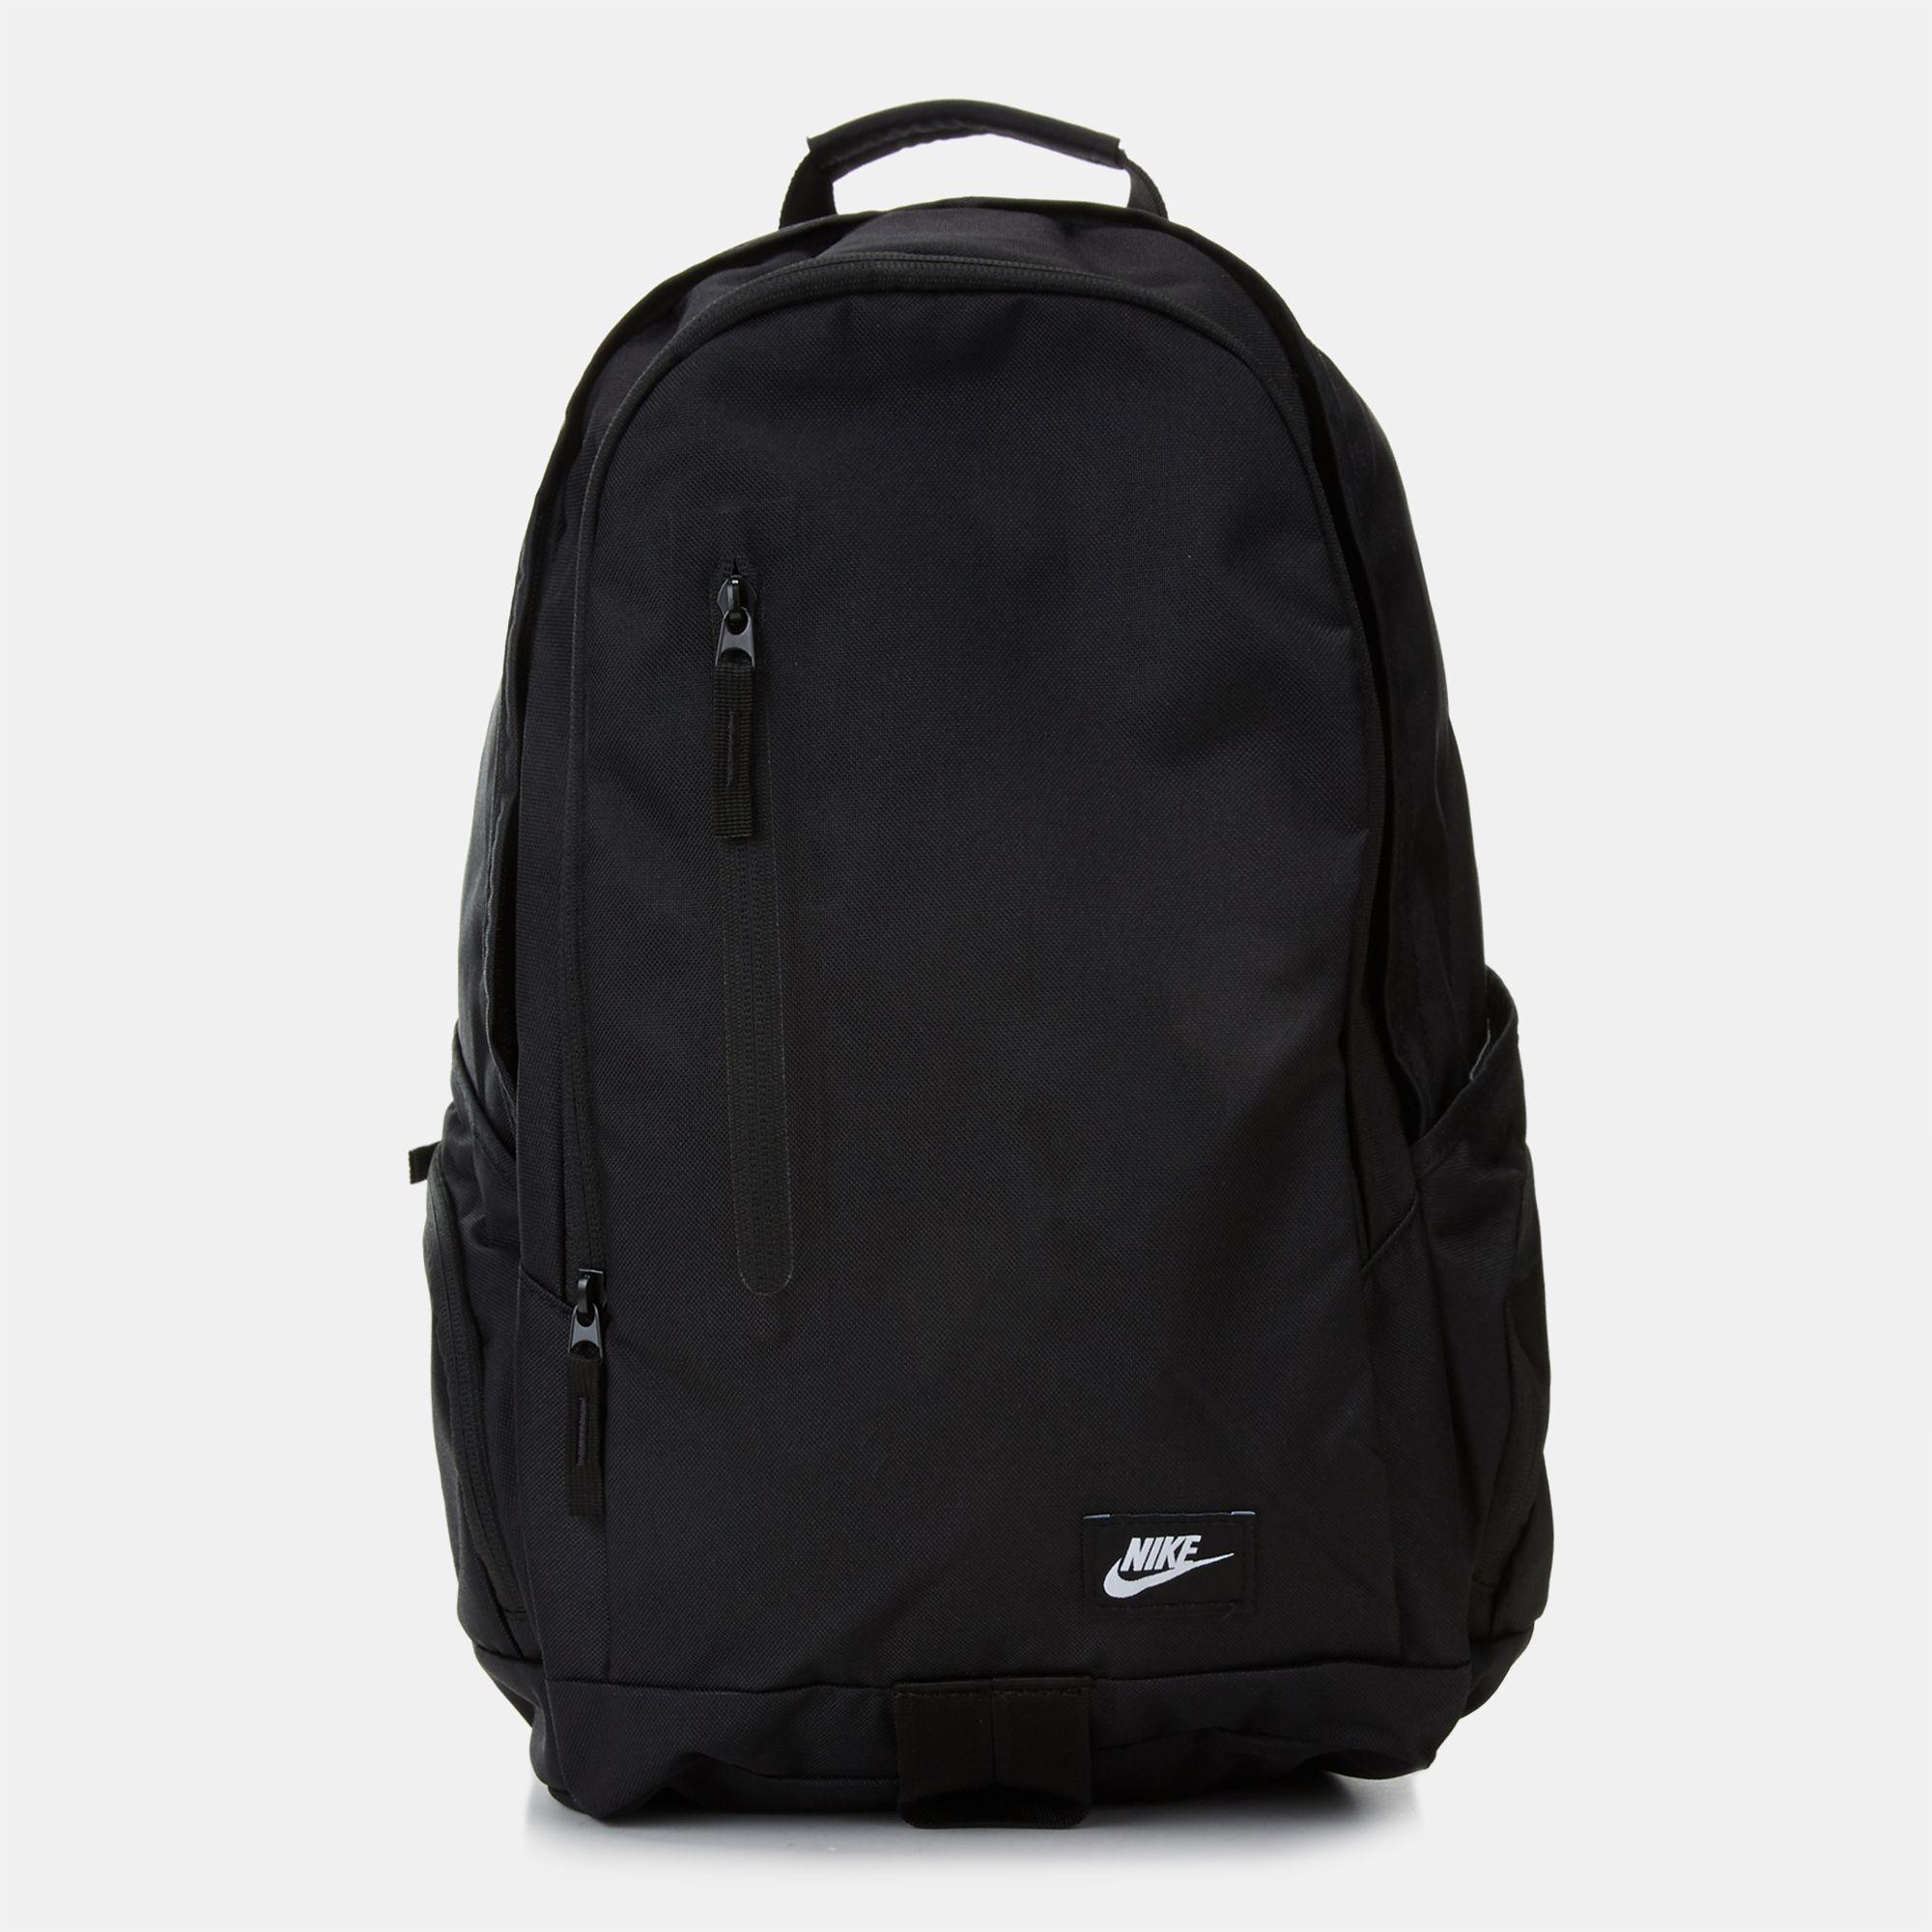 3eedf178a7b7c Nike All Access Fullfare Backpack - Black